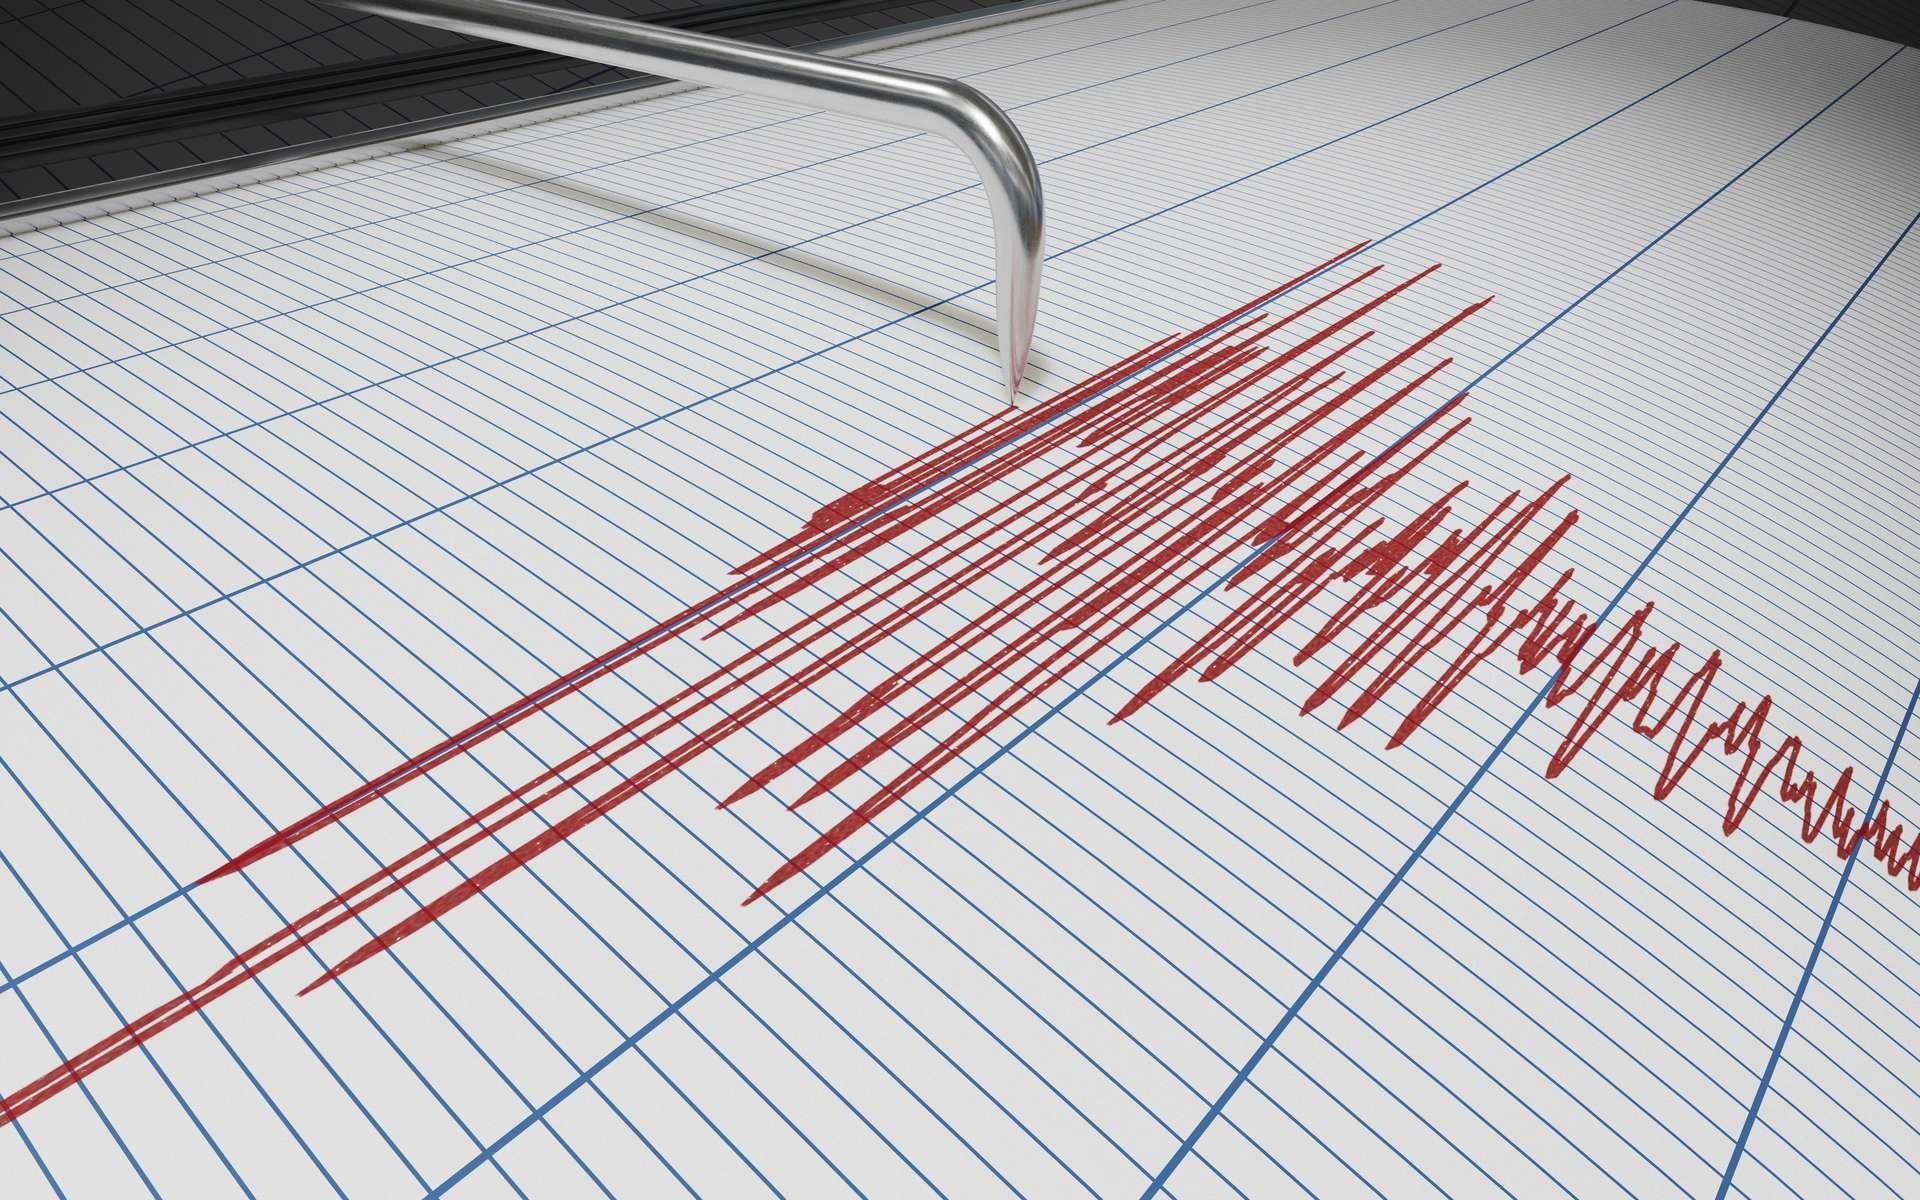 La France n'est pas épargnée par les risques sismiques. Quels sont-ils ?© vchalup, Adobe Stock